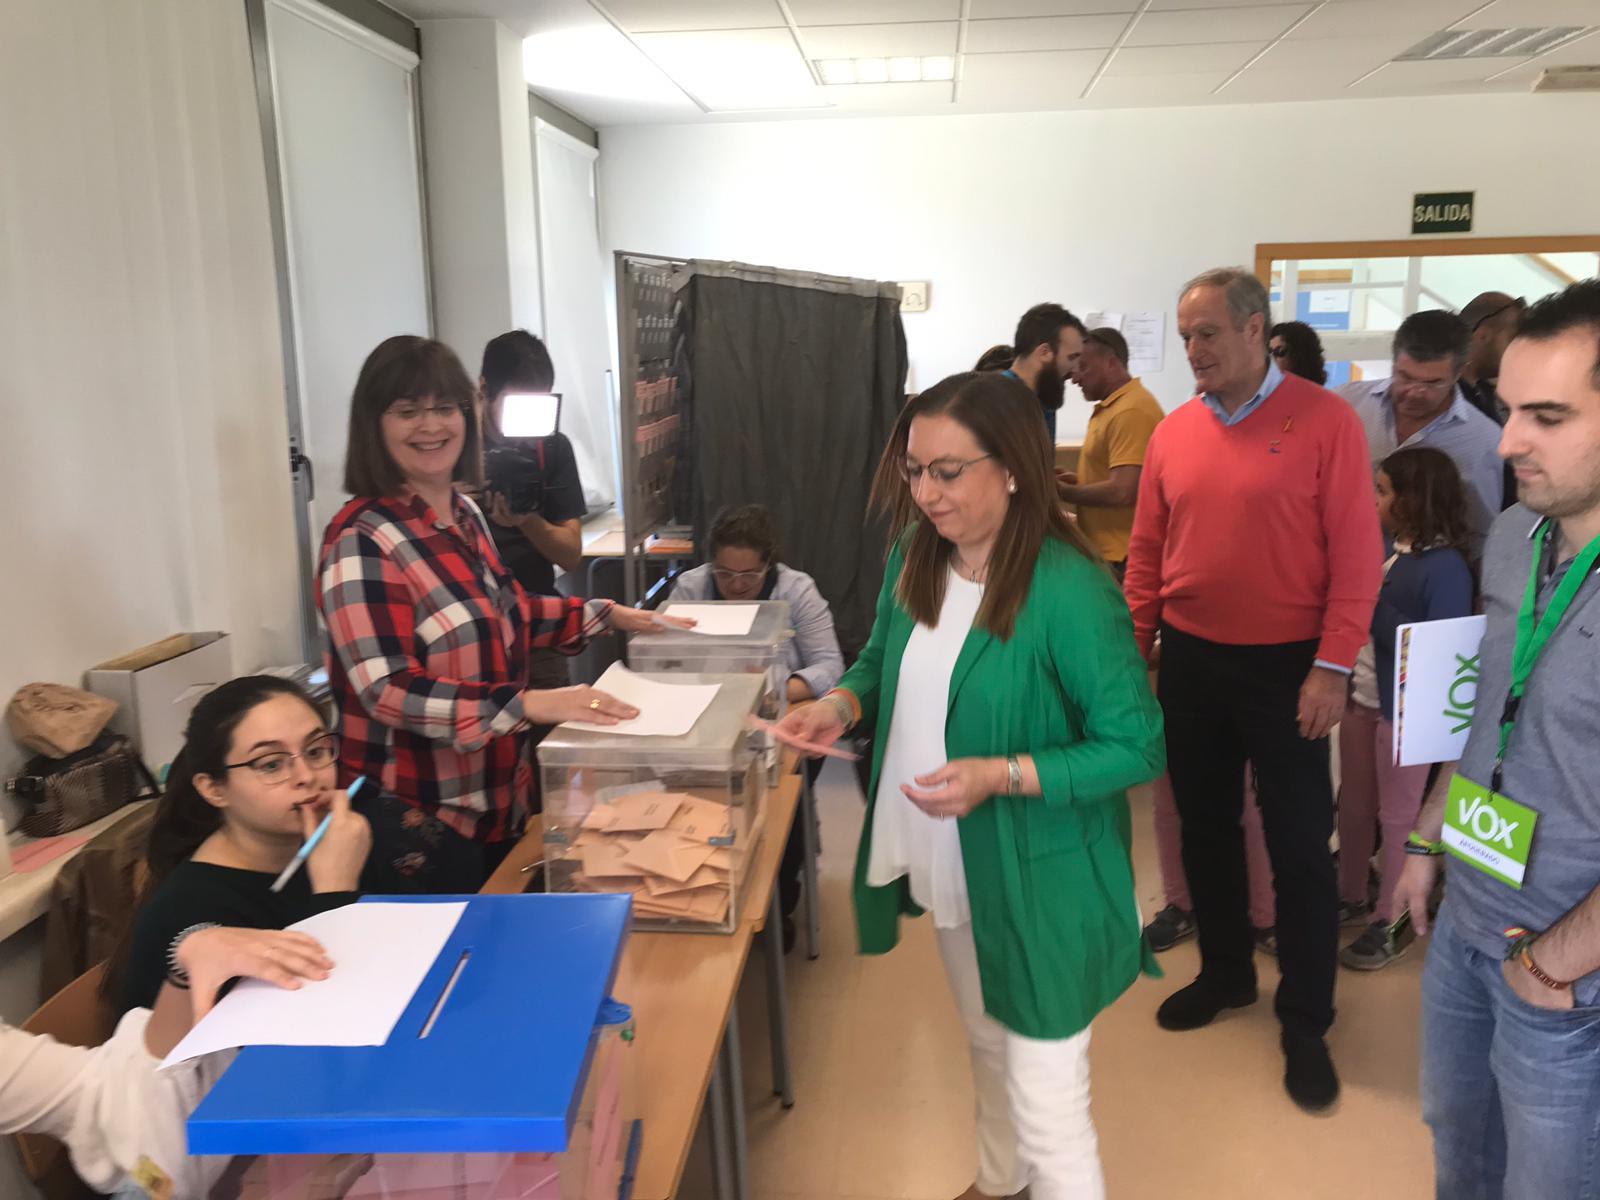 Llanos Massó, Presidente de VOX Castellón, ejerce su derecho al voto